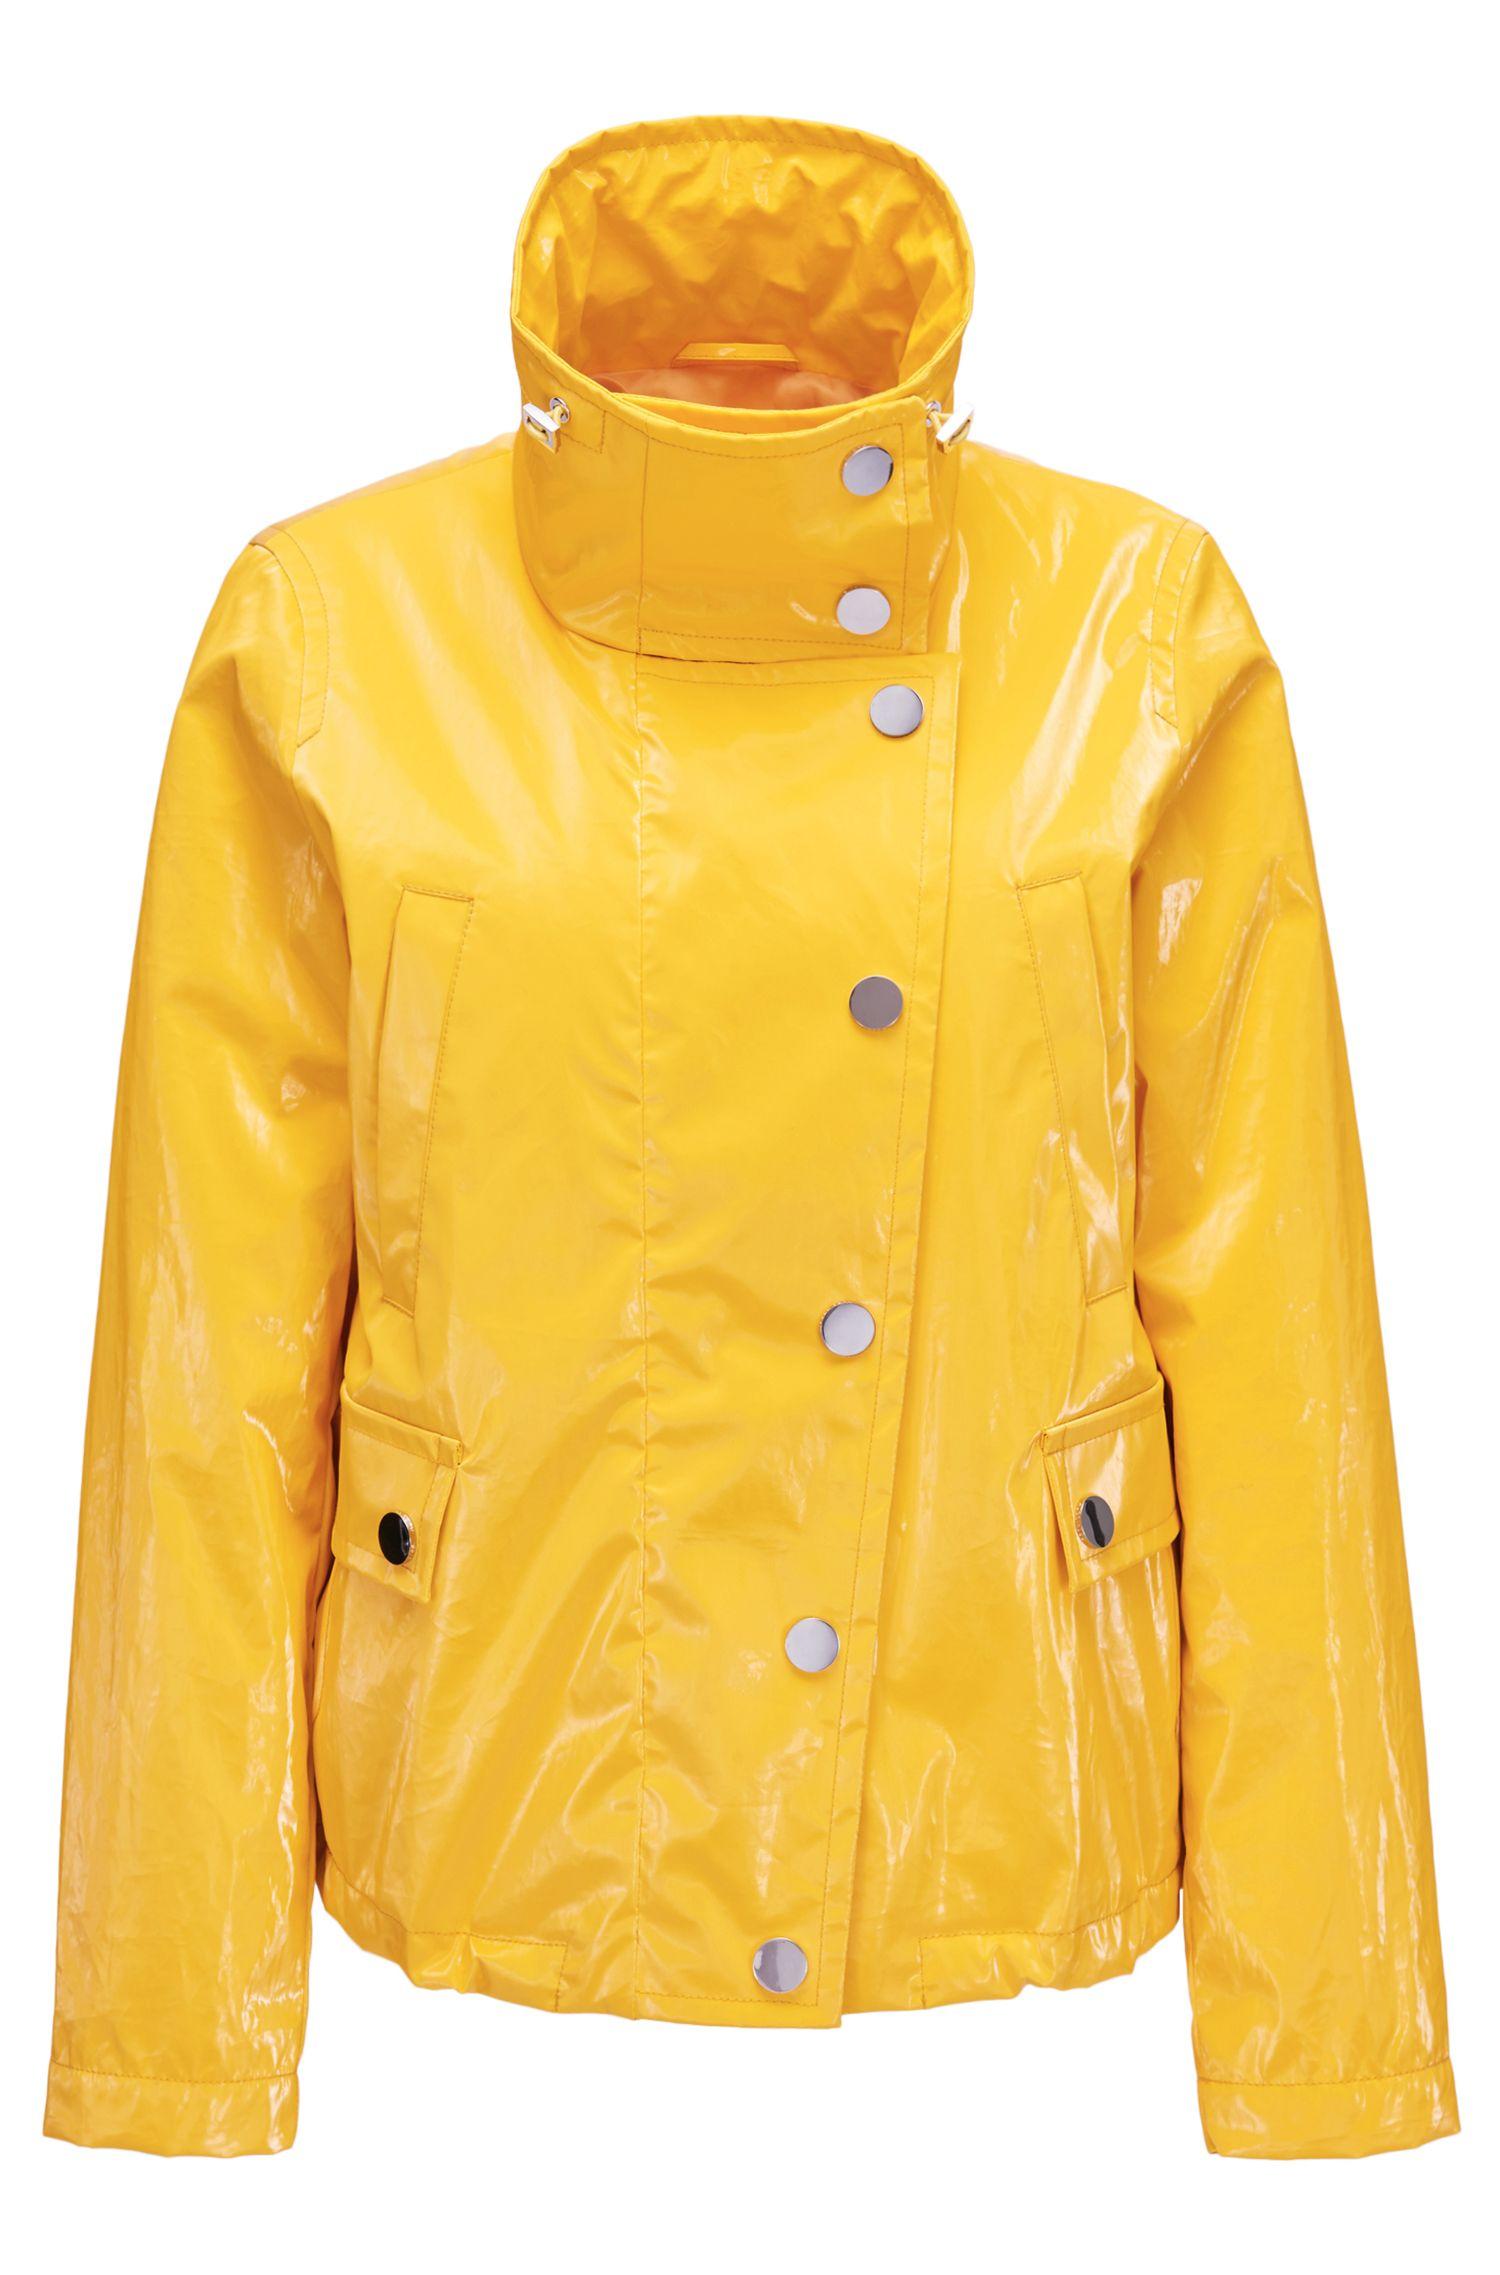 Veste imperméable en coton recouvert d'un revêtement thermocollé ultra brillant.